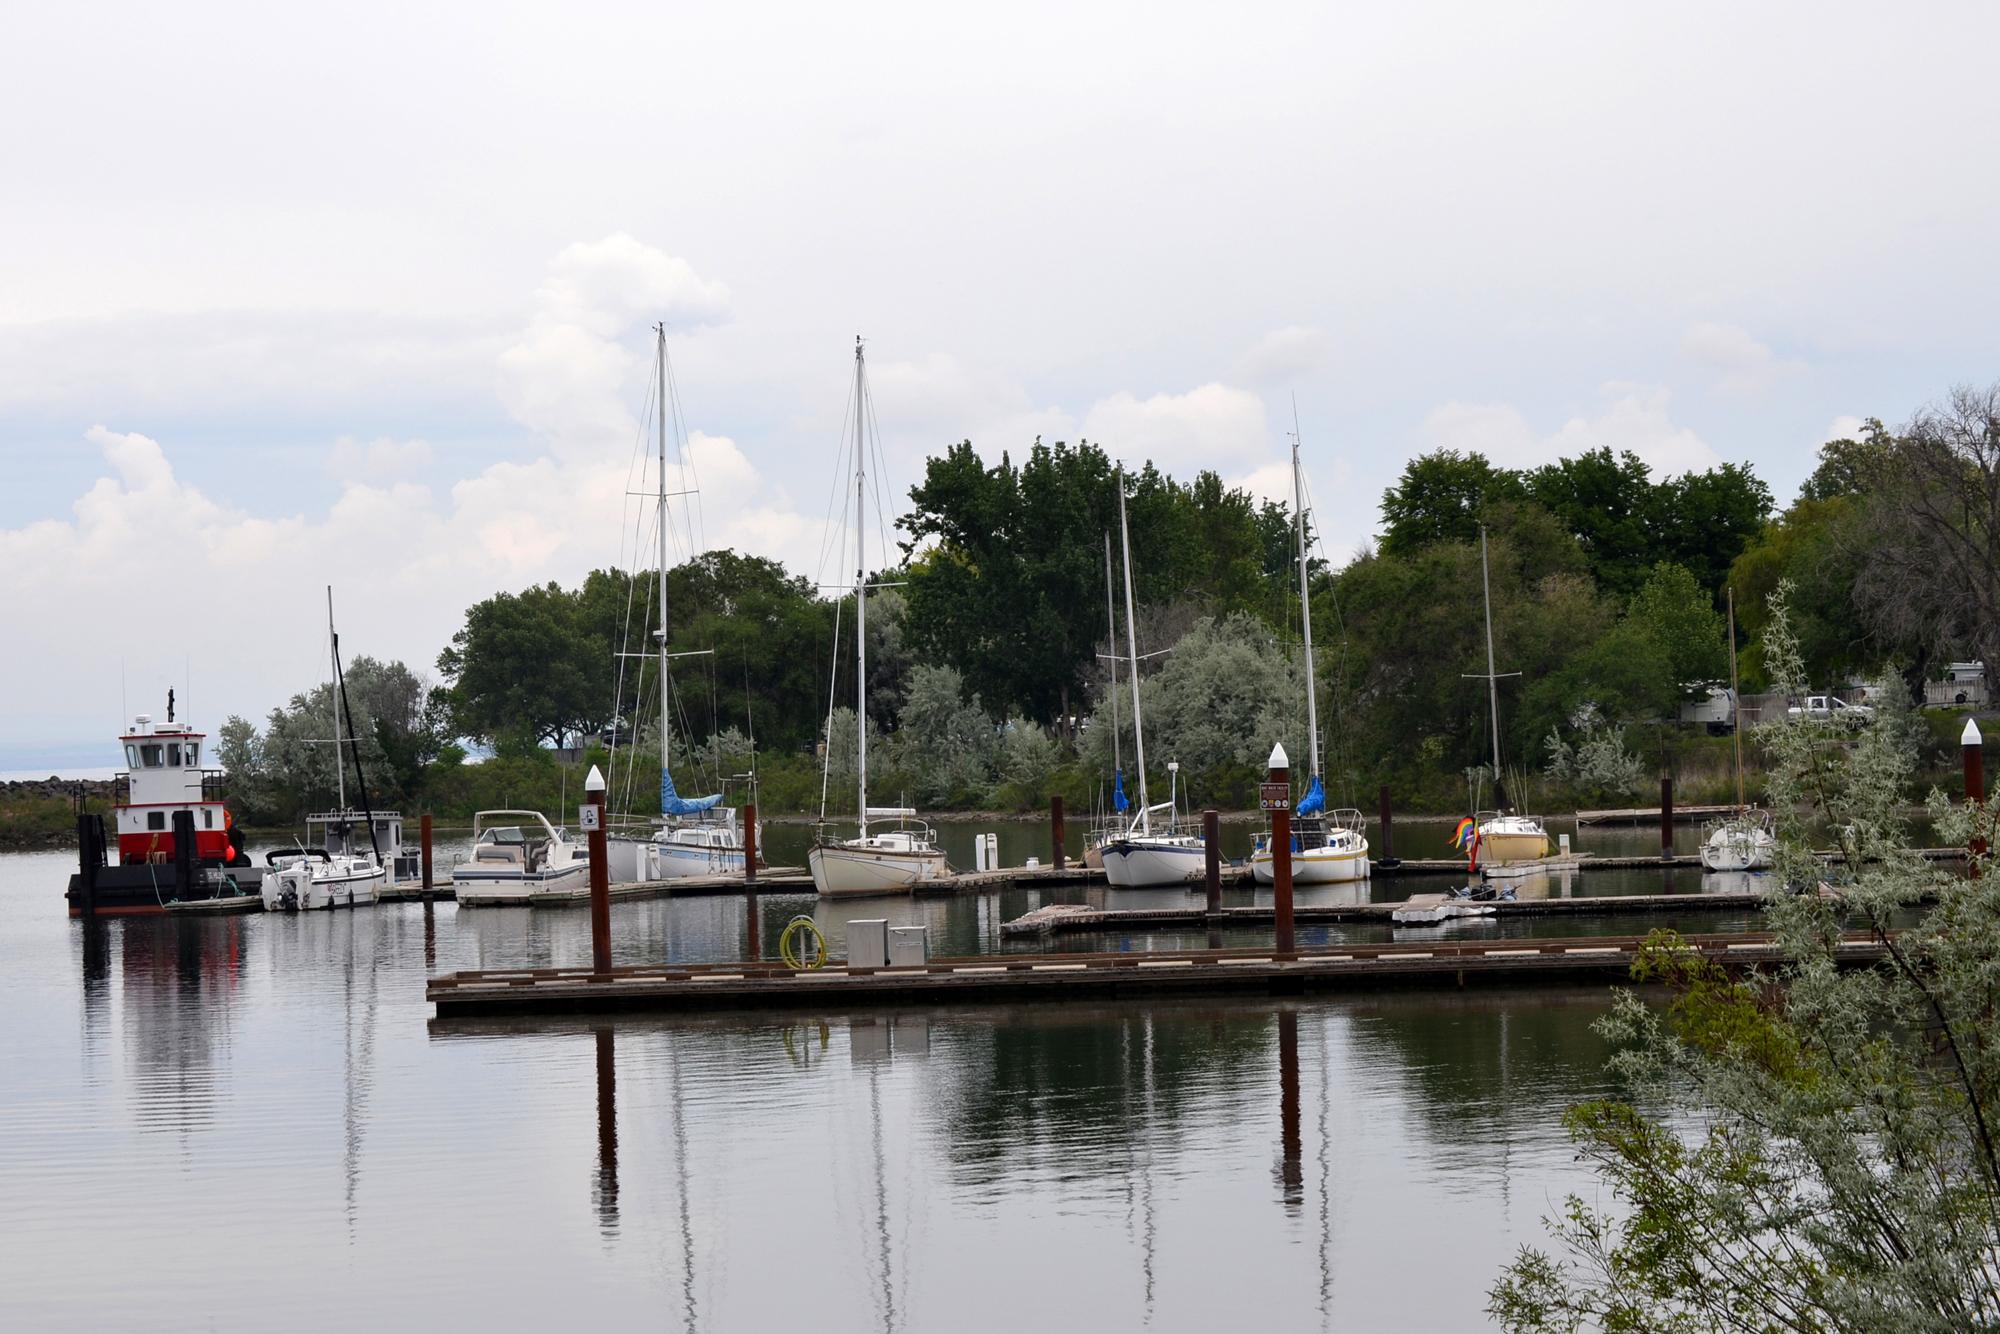 Boat dock with sail boats at the Boardman Marina Park.